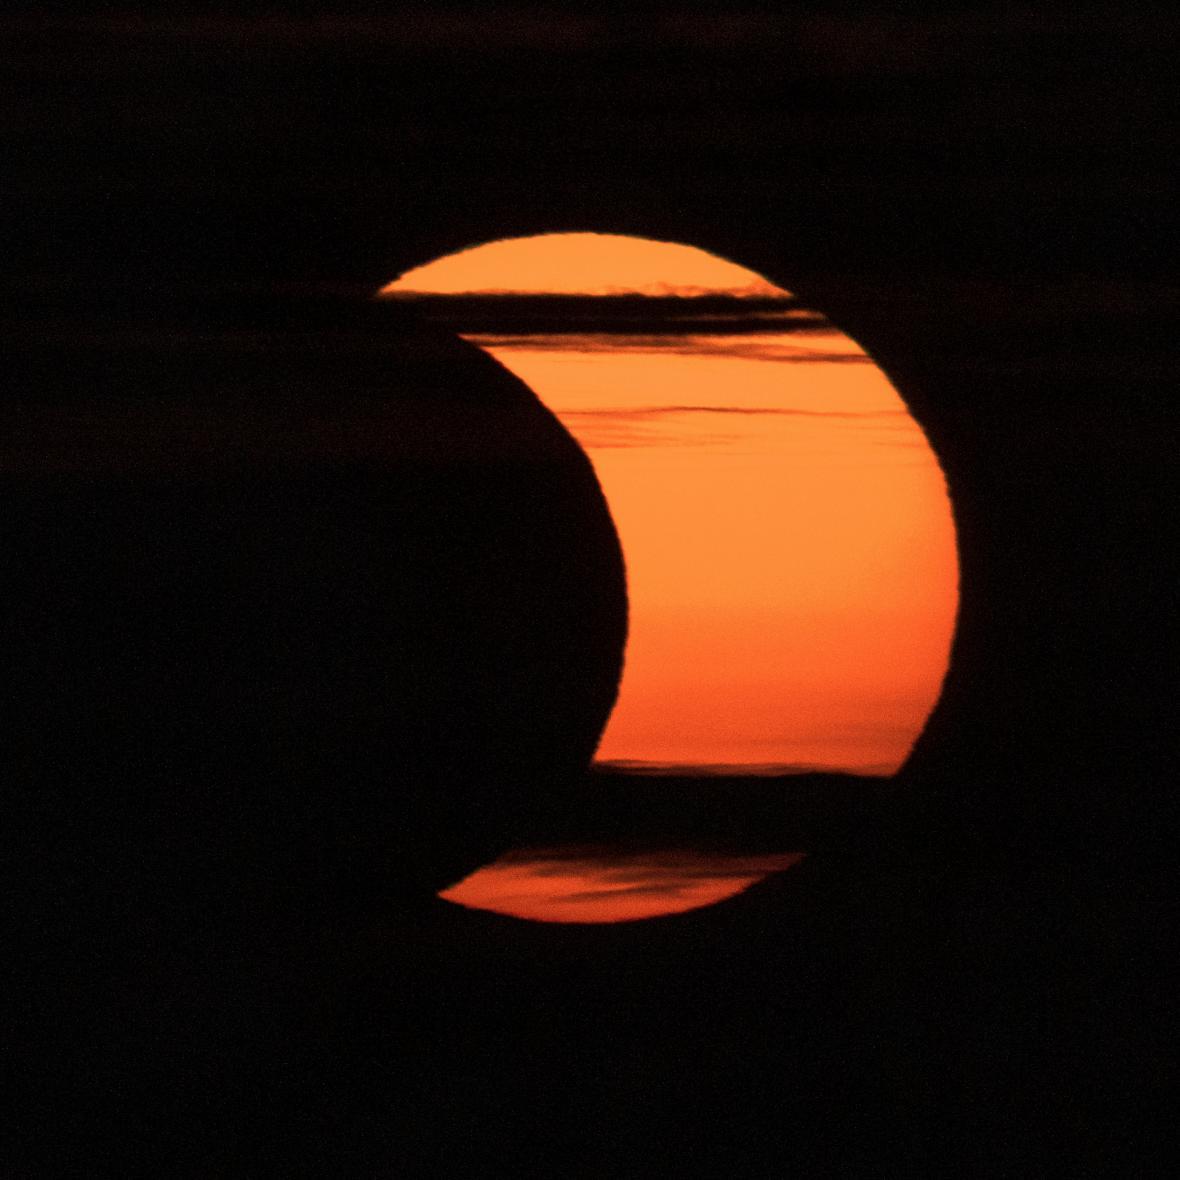 Měsíc zastínil Slunce. Podívejte se, jak přírodní úkaz sledovali lidé na různých místech světa